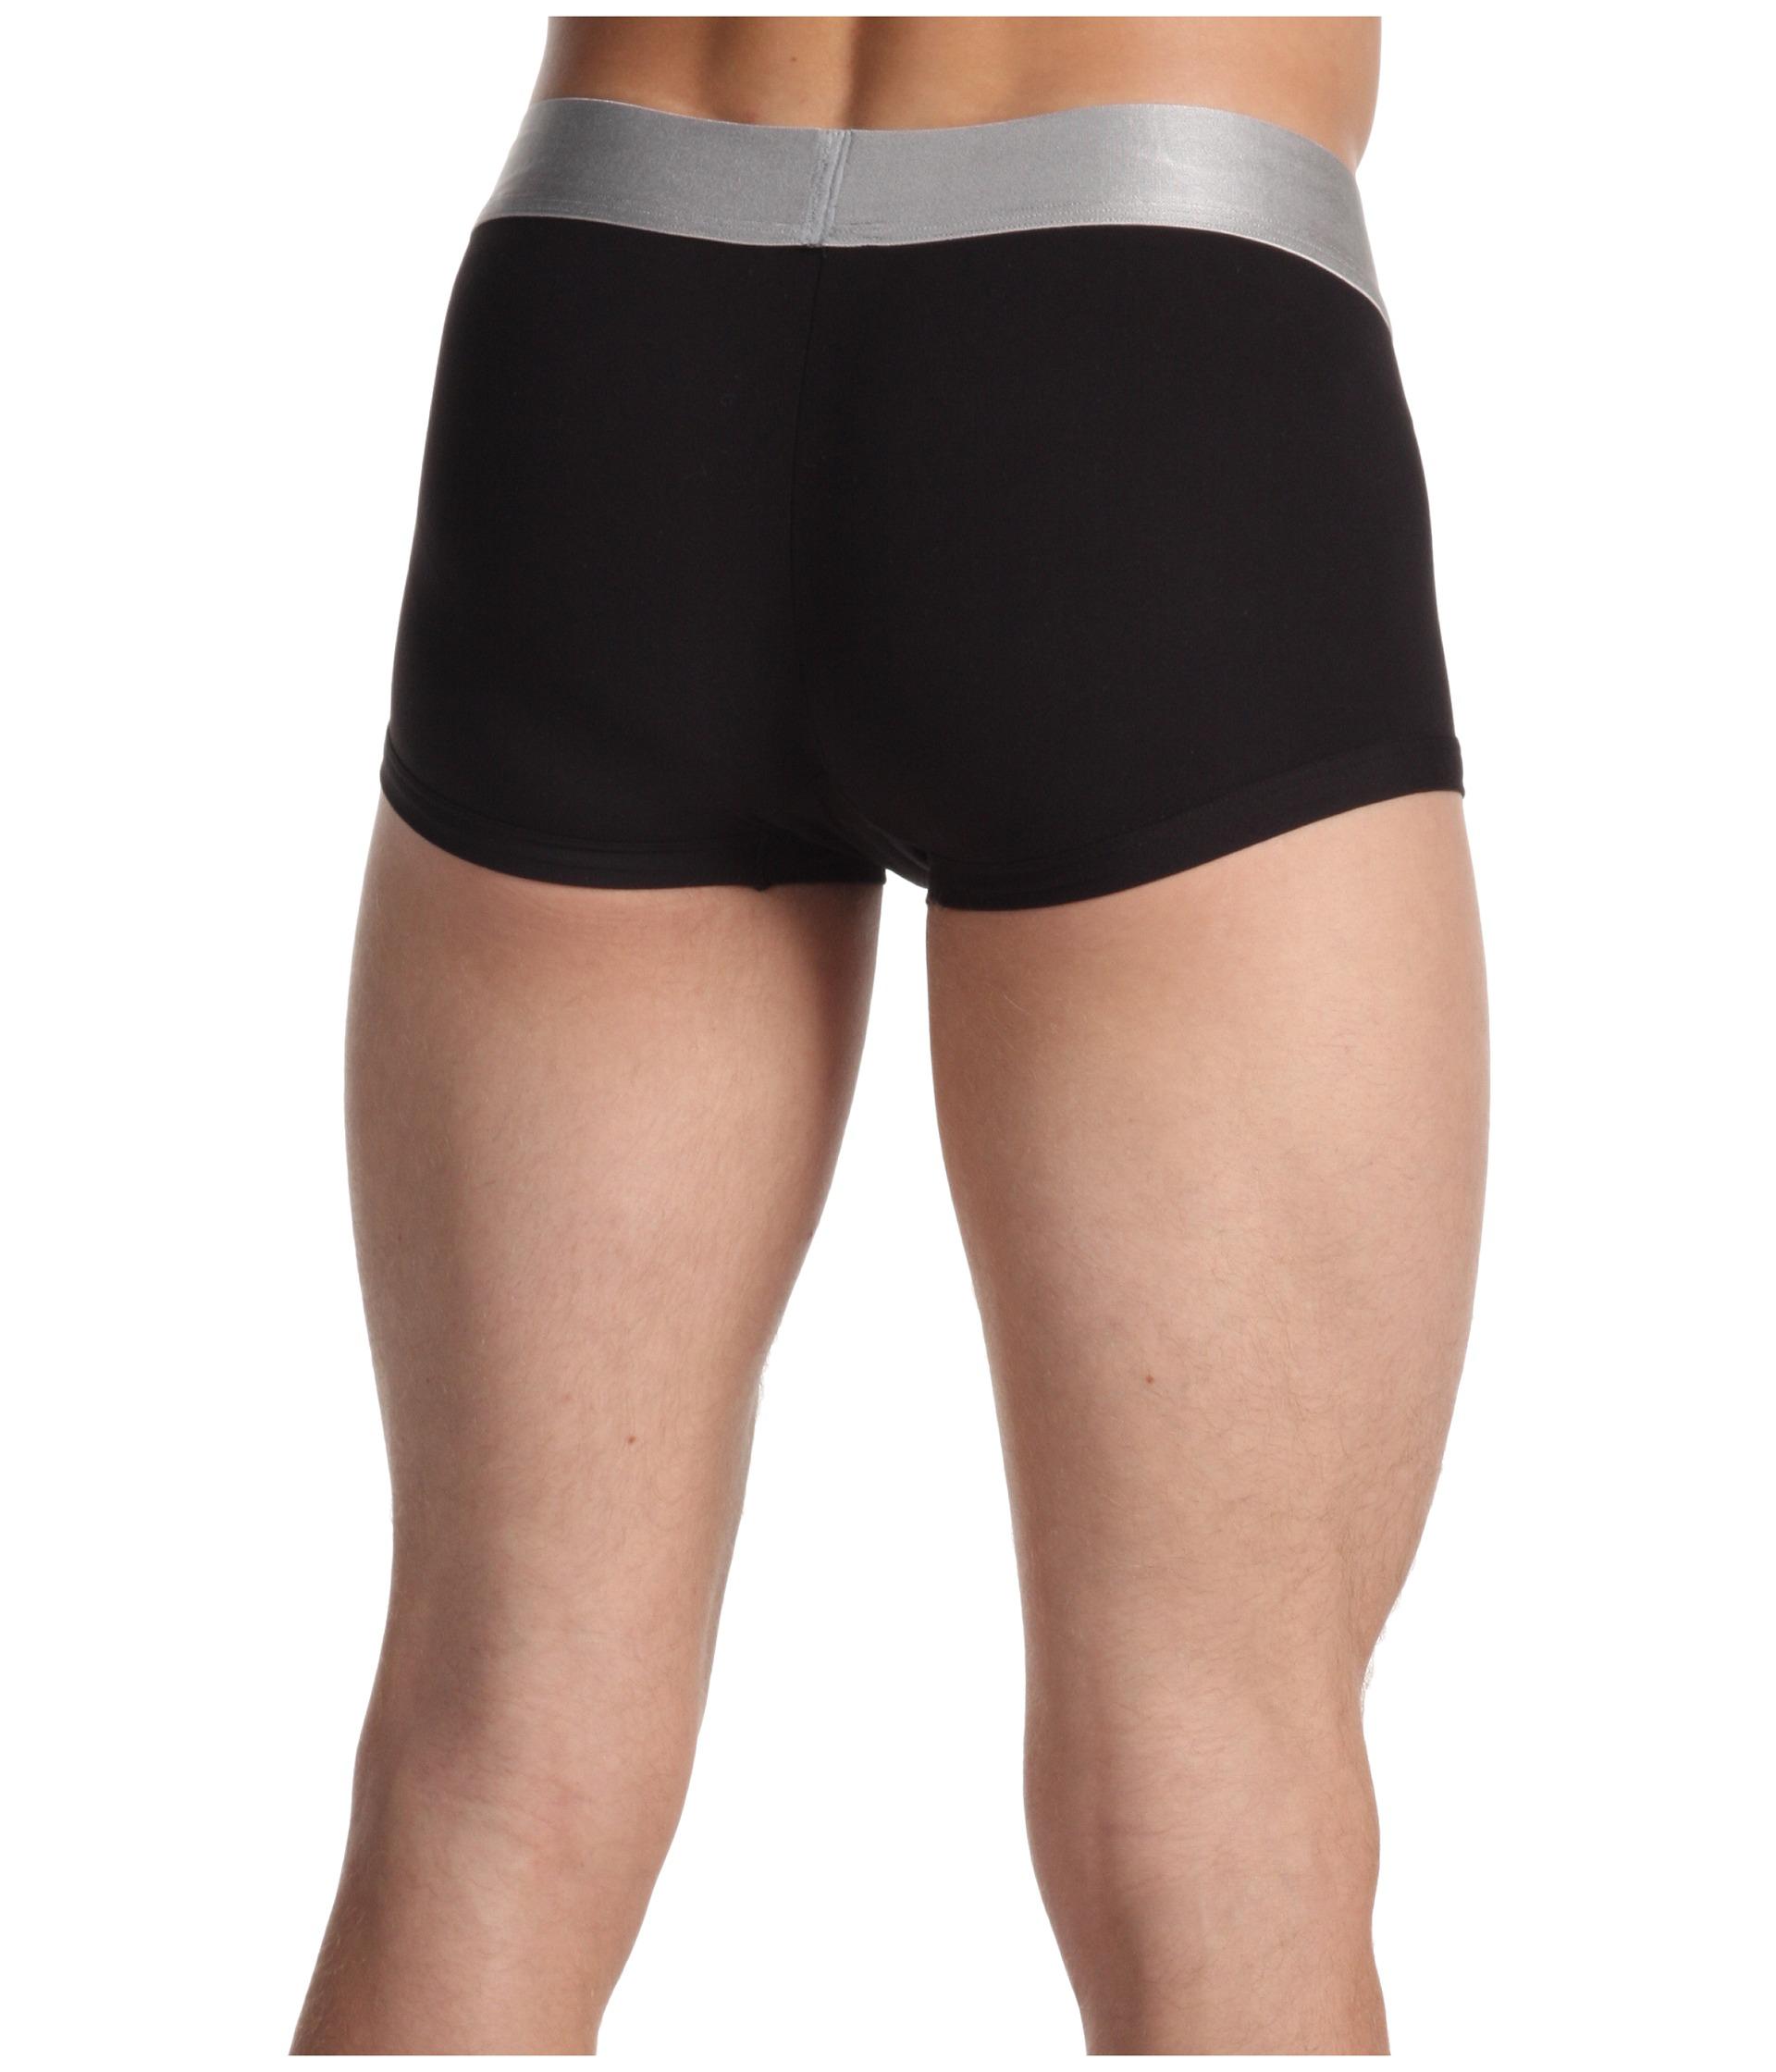 calvin klein underwear size guide mens